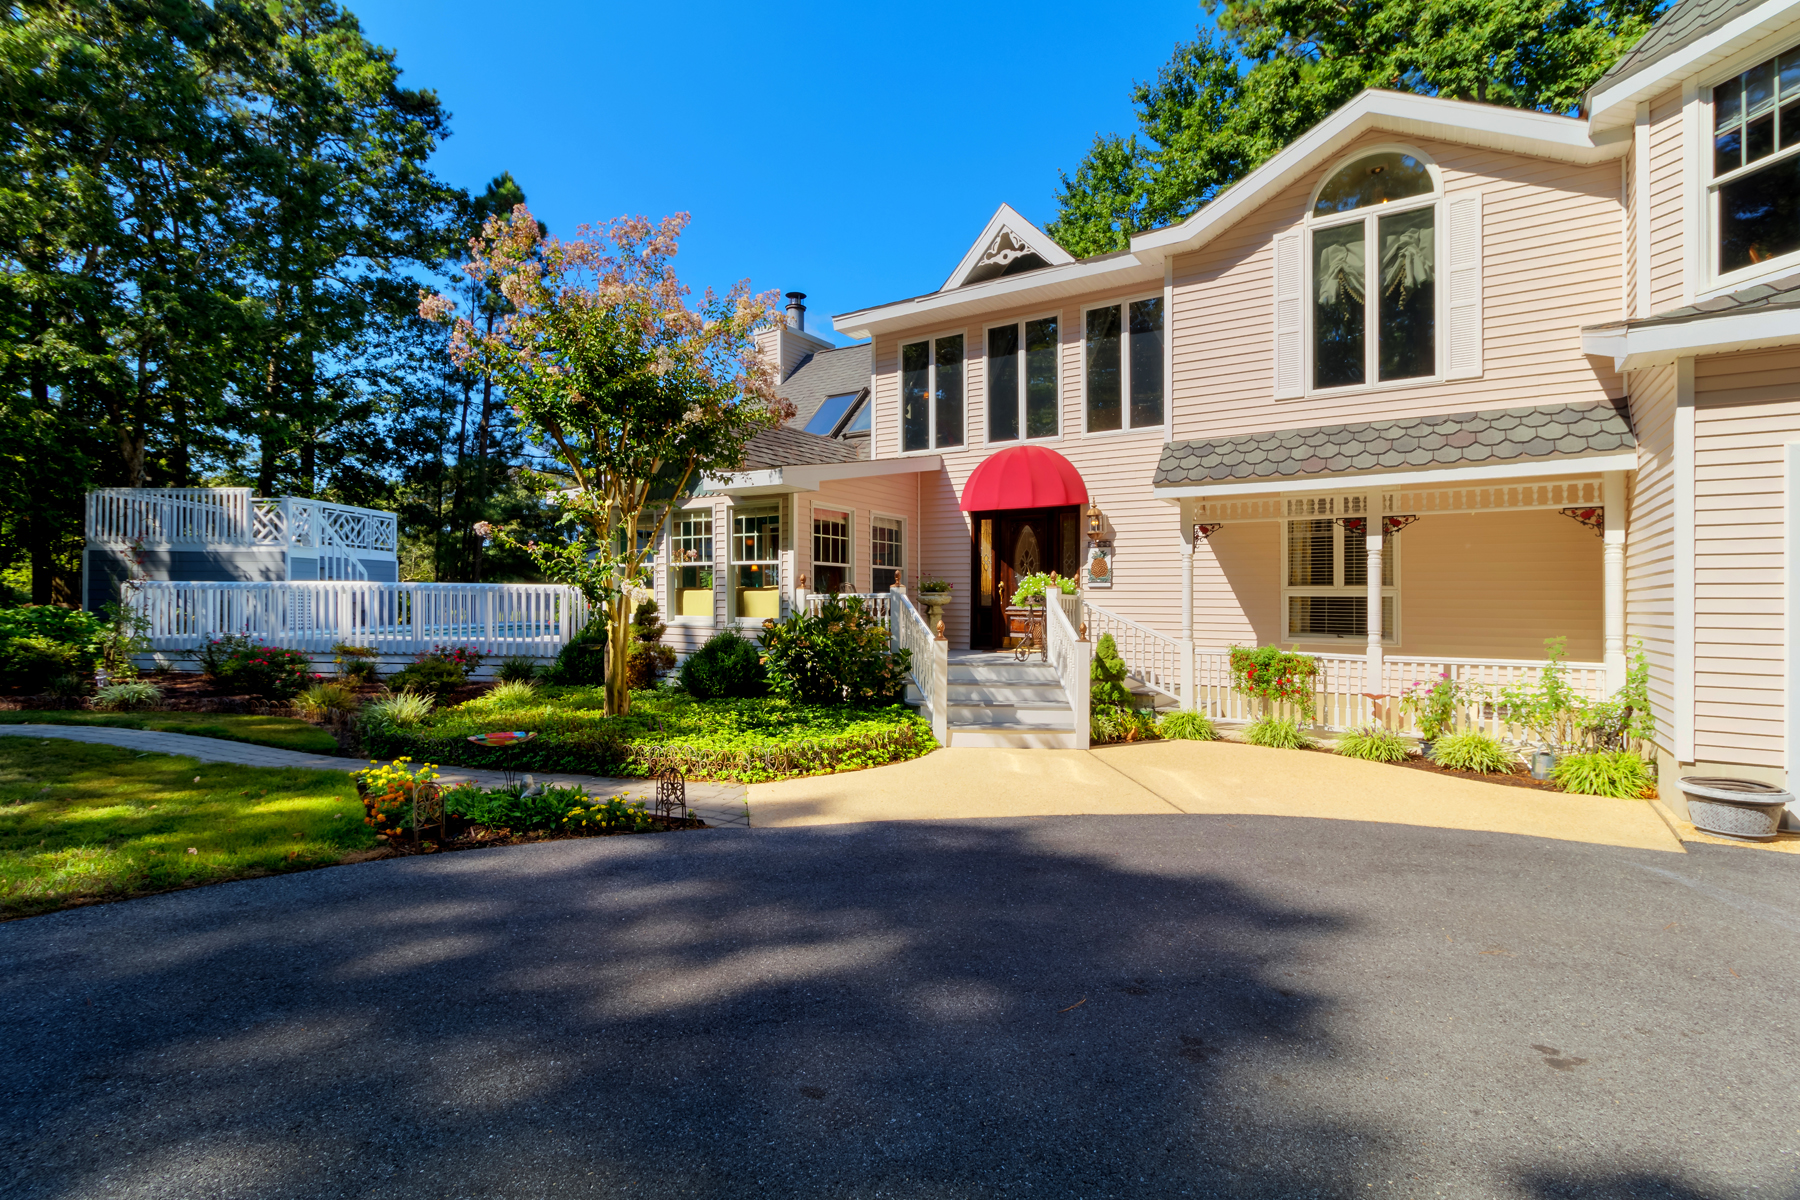 Частный односемейный дом для того Продажа на 30 Club House Dr , Rehoboth Beach, DE 19971 30 Club House Dr Rehoboth Beach, Делавэр 19971 Соединенные Штаты